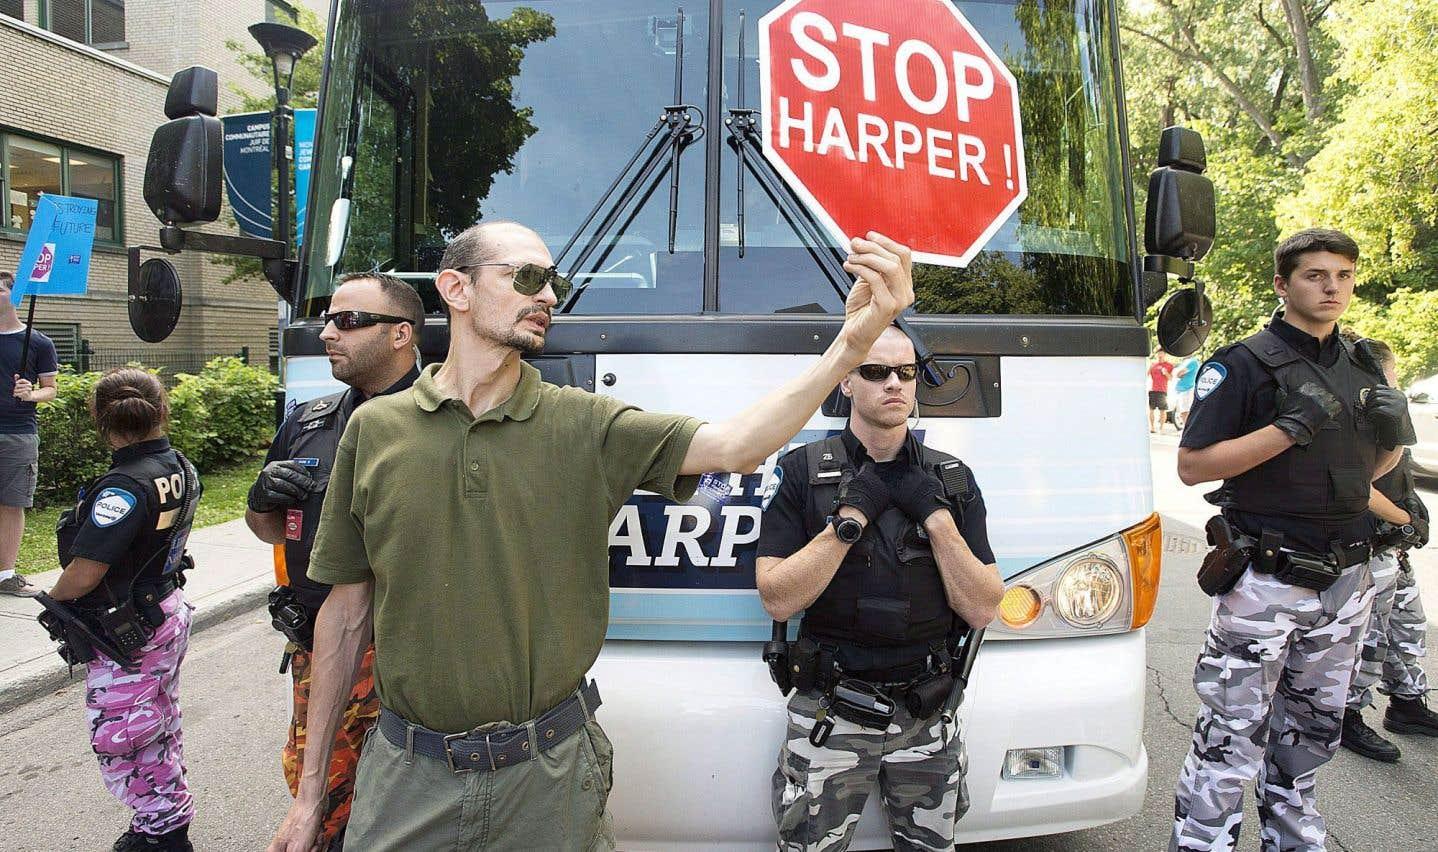 Des manifestants bloquent le bus de campagne de Stephen Harper lors de sa venue à Montréal le 2 août 2015.